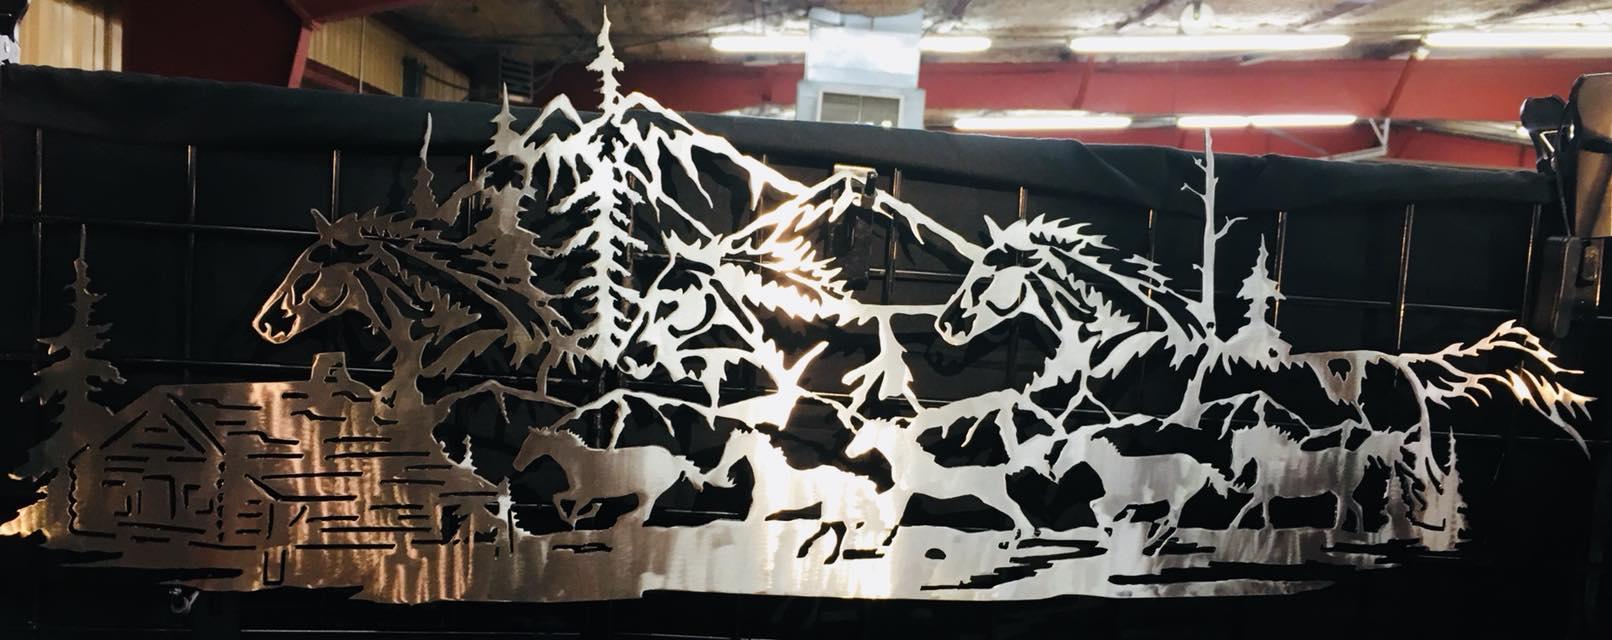 Metal-werx horses